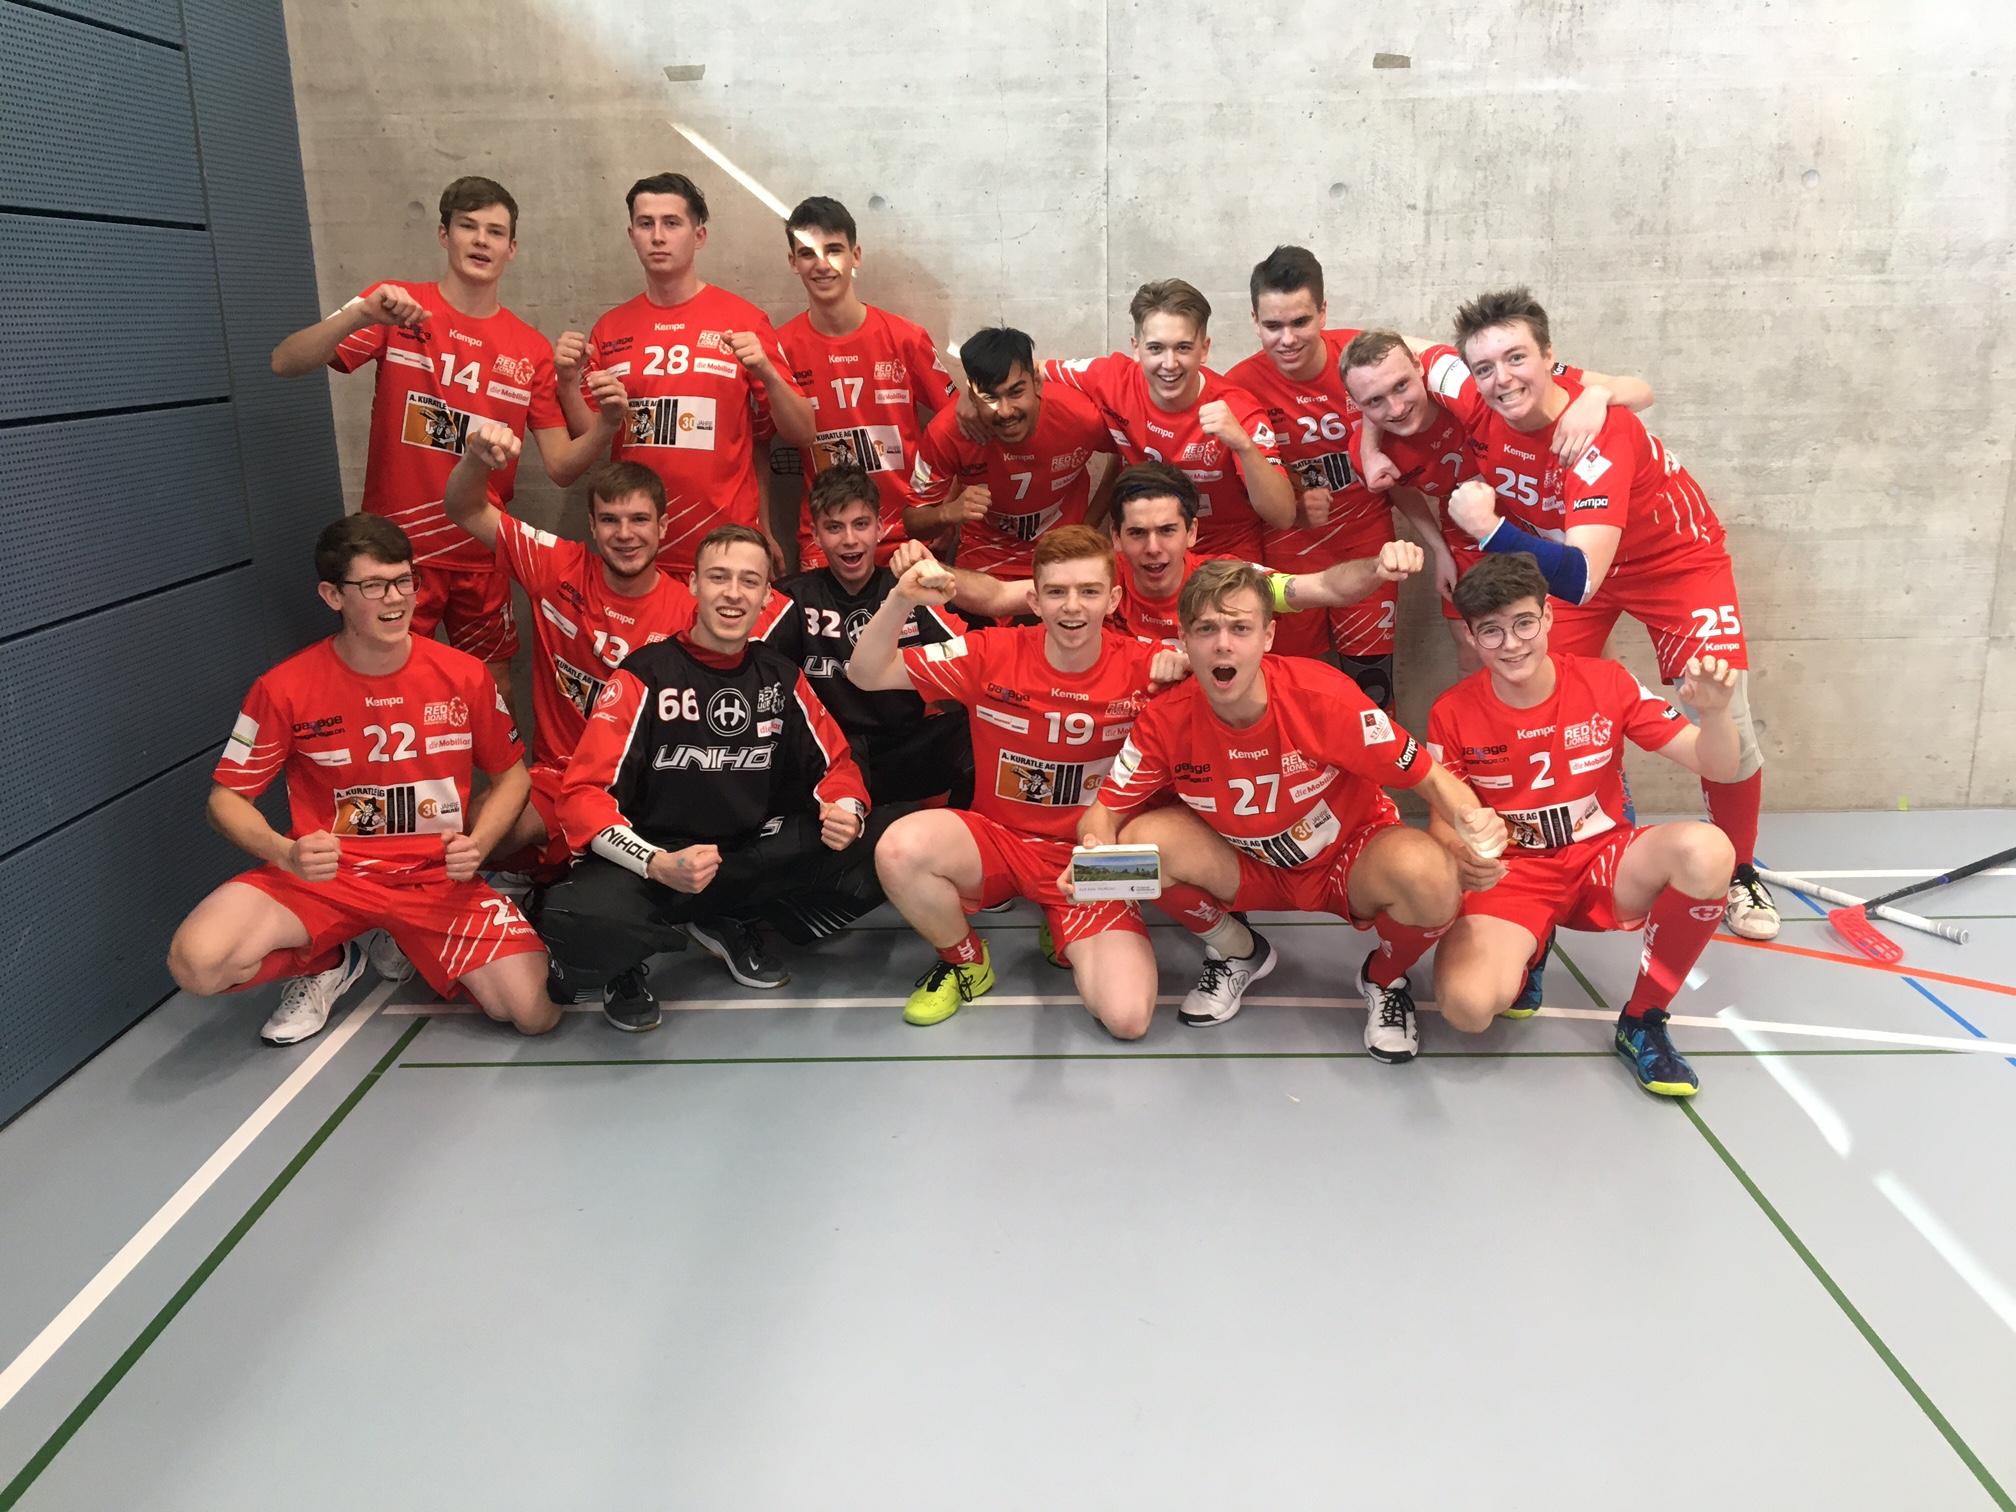 4. Spiel der Saison in der Kanti gegen Hurricans Glarnerland